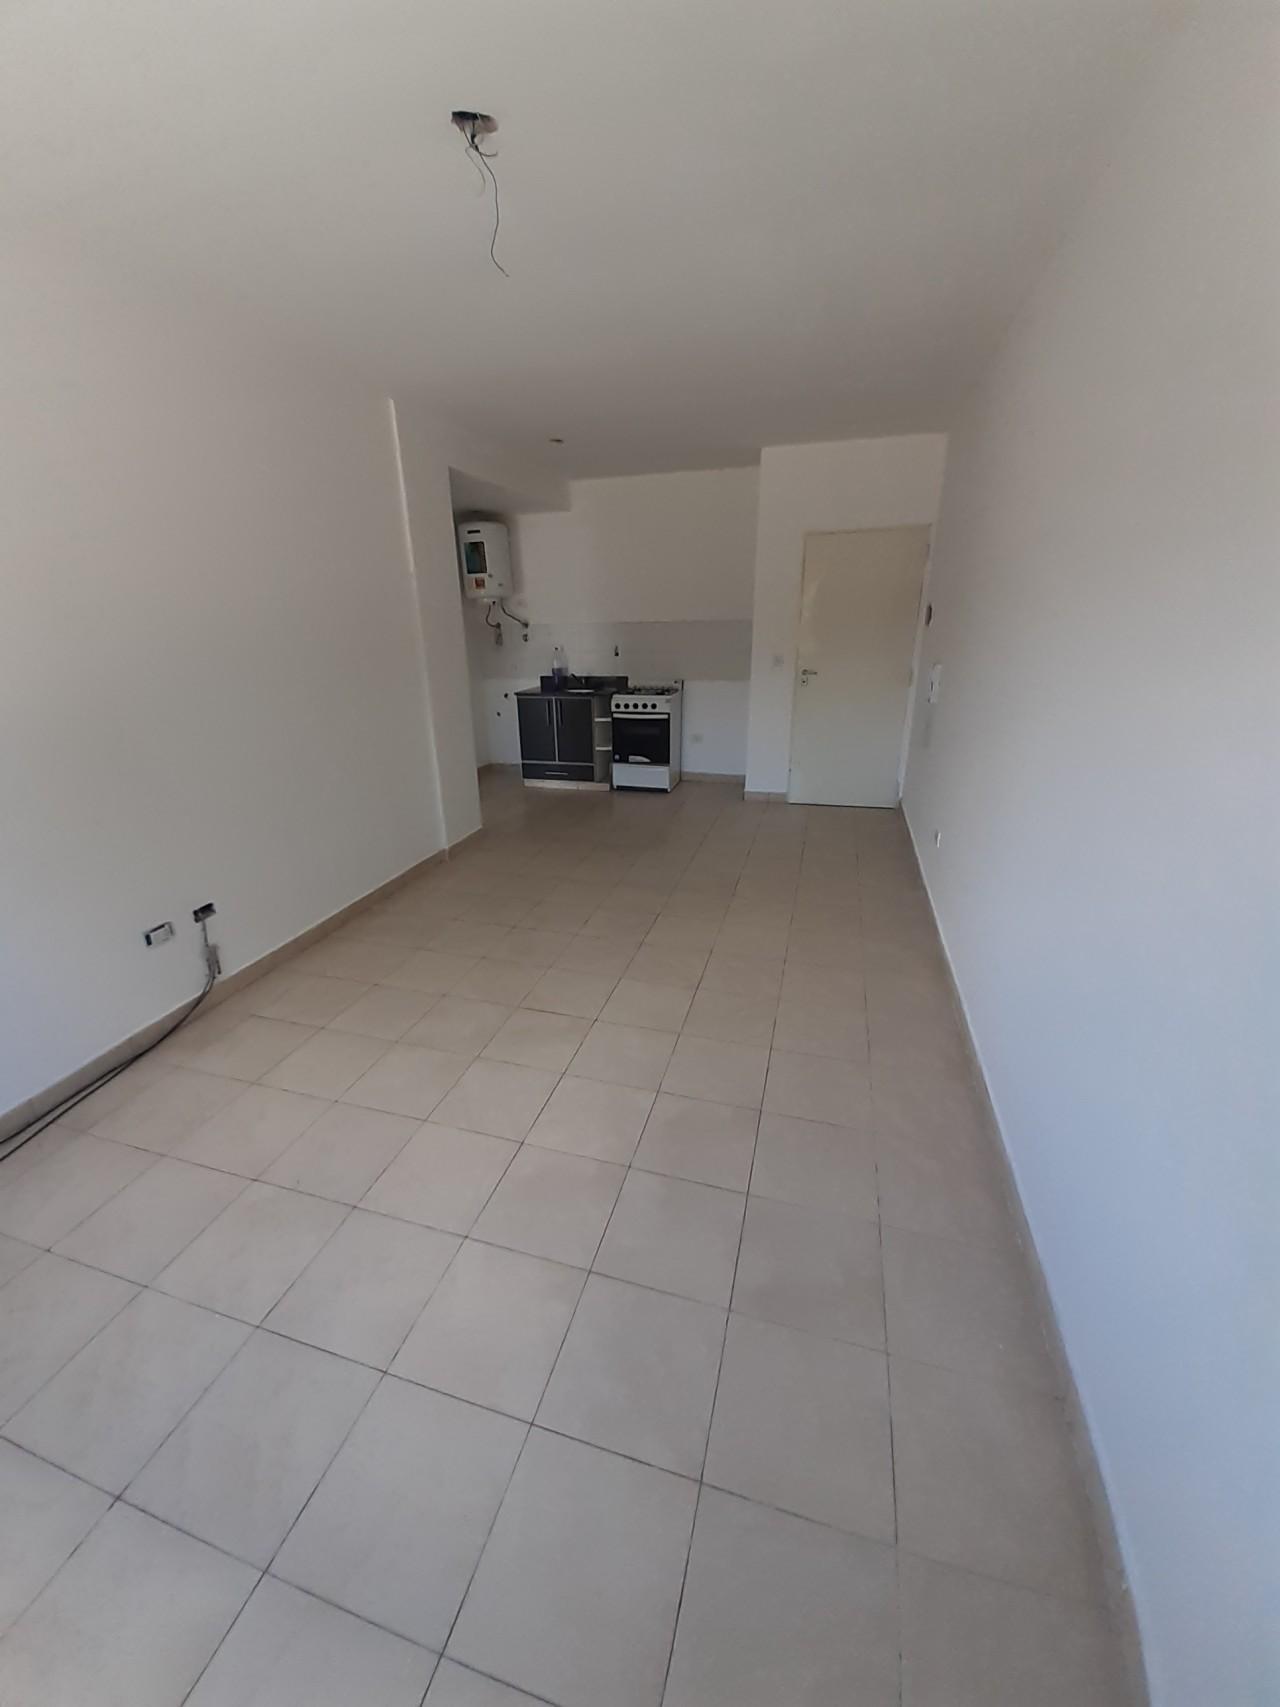 ### ALQUILER DEPARTAMENTO 2 AMBIENTES PLANTA BAJA - condominio LA DORITA - SAN MIGUEL ###